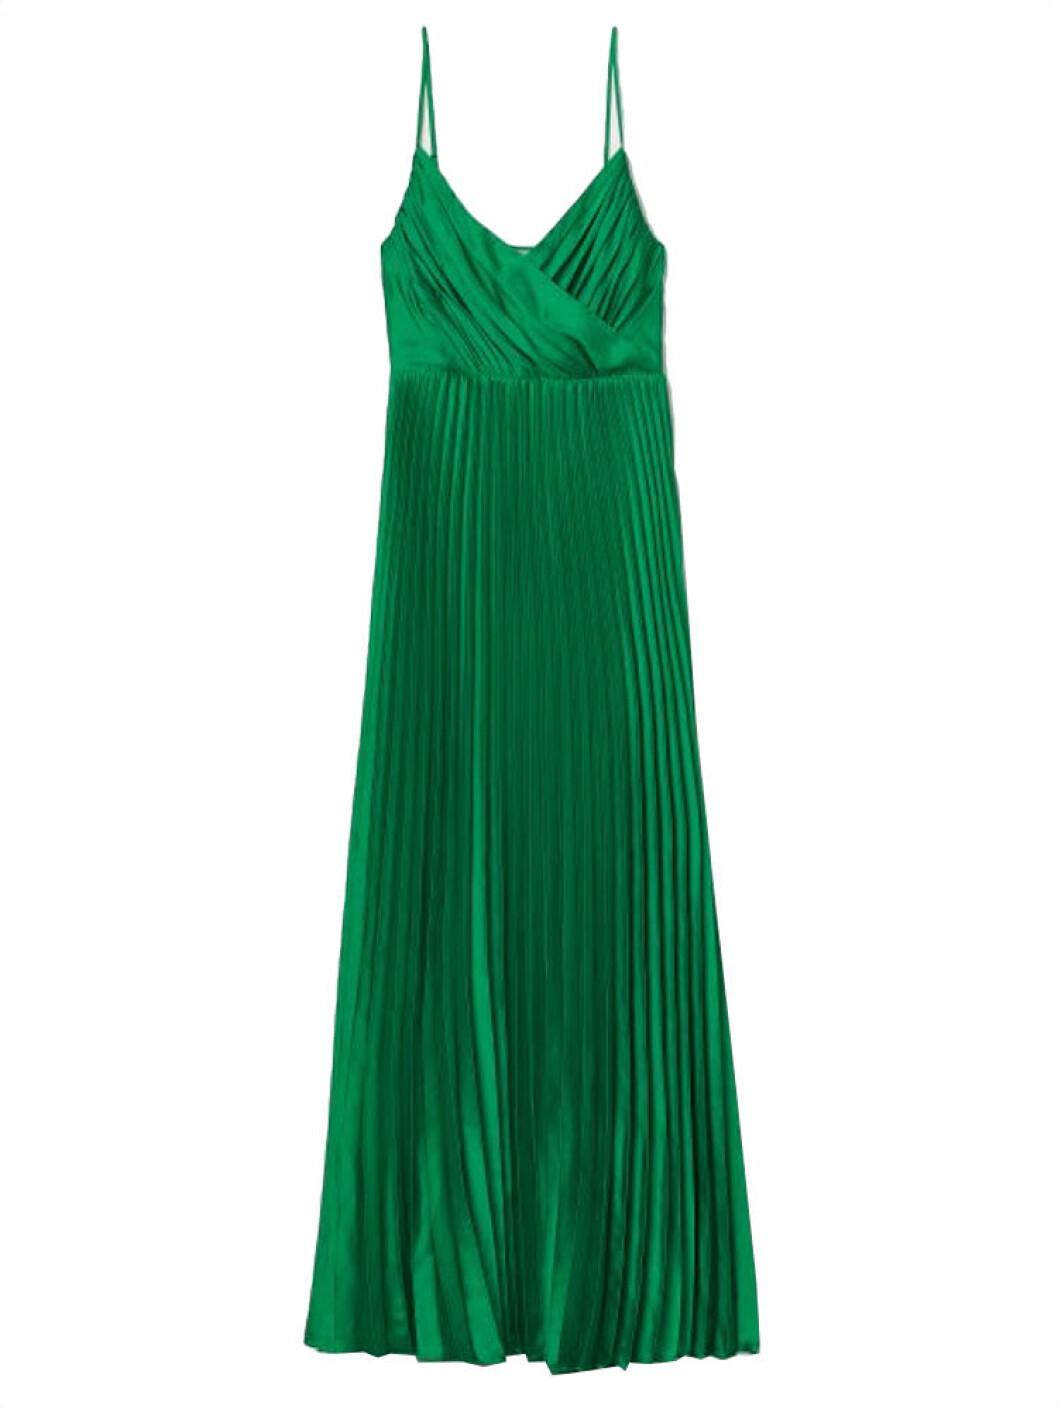 Grön klänning i plisserat material